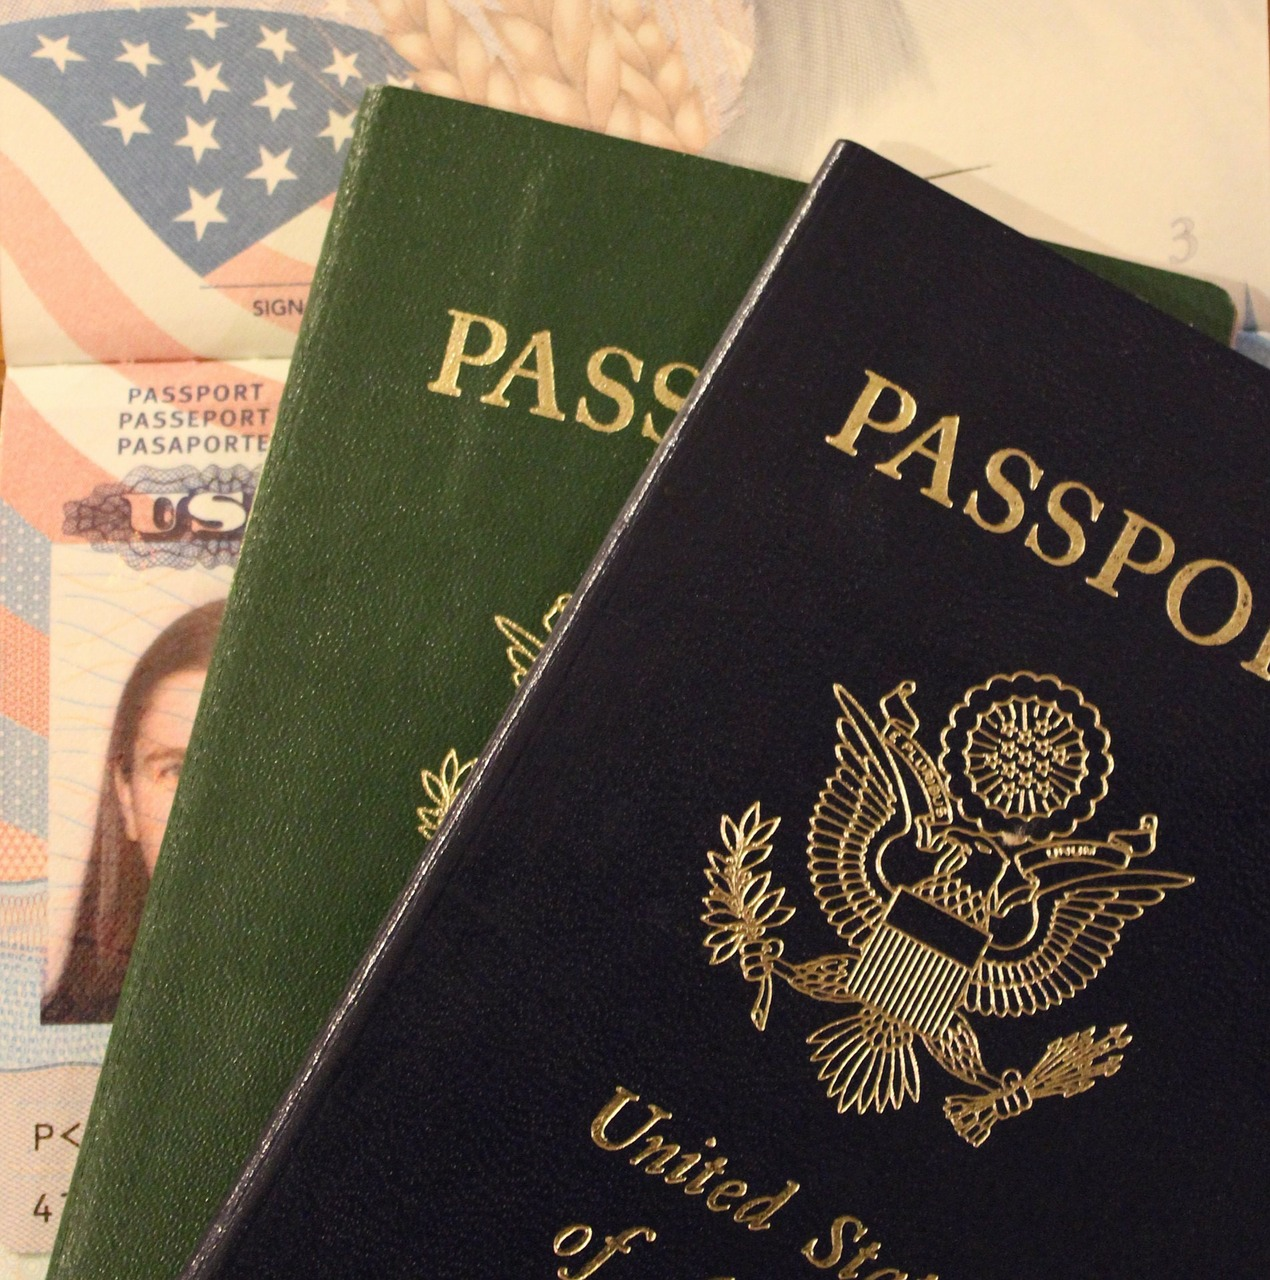 אל תבזבזו זמן: כל הסיבות להוציא דרכון פורטוגלי עוד היום